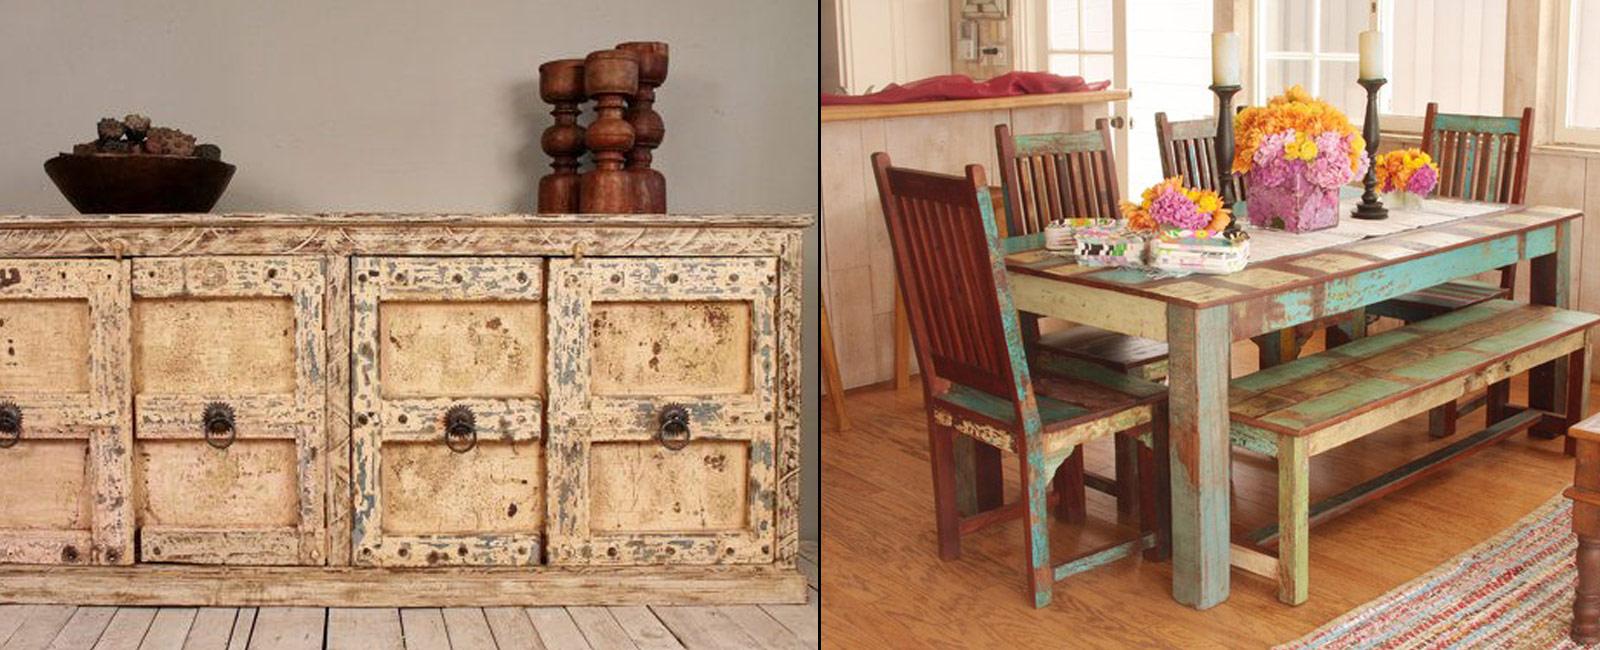 Винтажный дизайн мебели своими руками можно выполнить также методом искусственного состаривания при помощи обычной морилки или водоэмульсионной краски